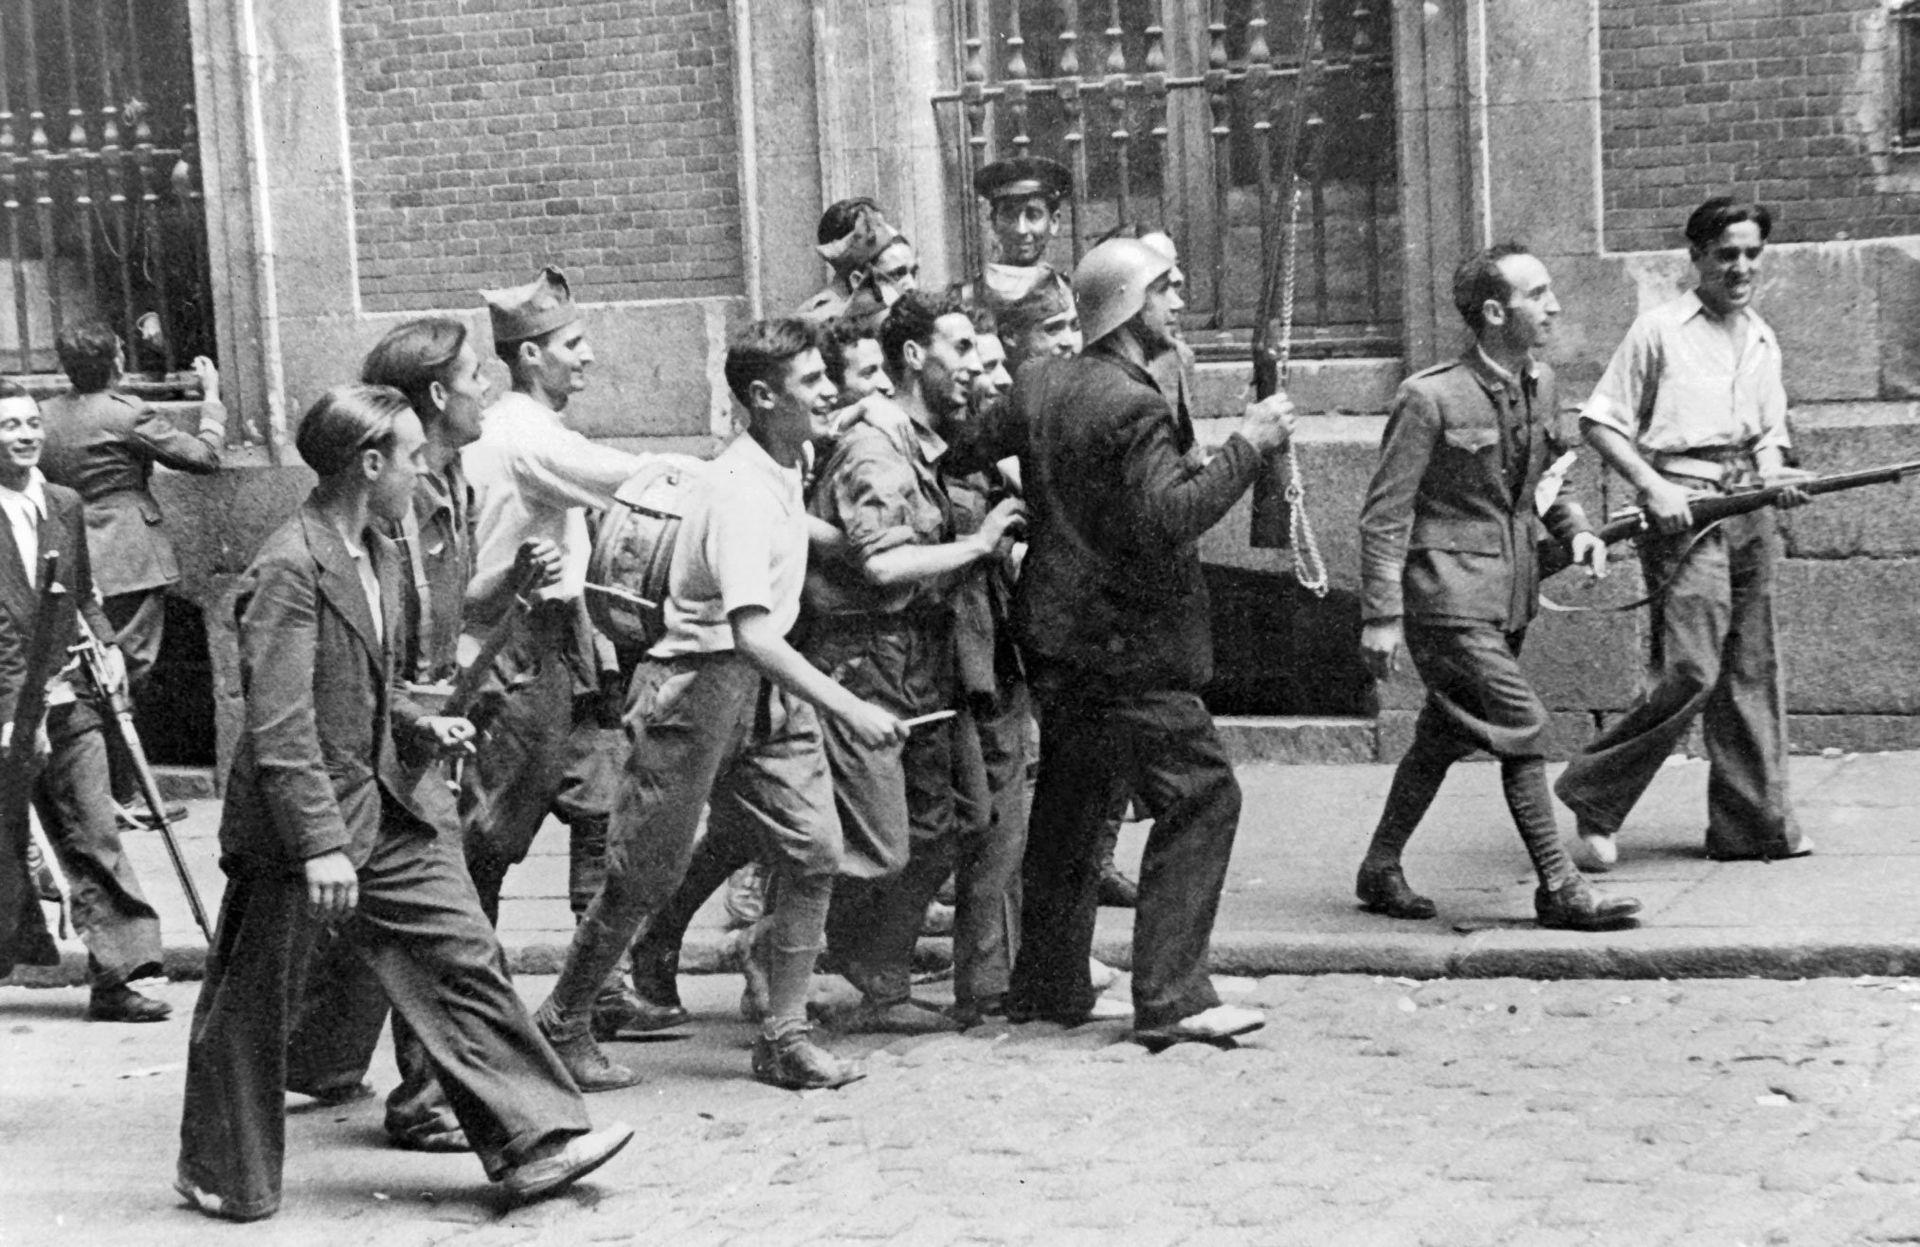 Favorables al Frente Popular en Madrid en 1936